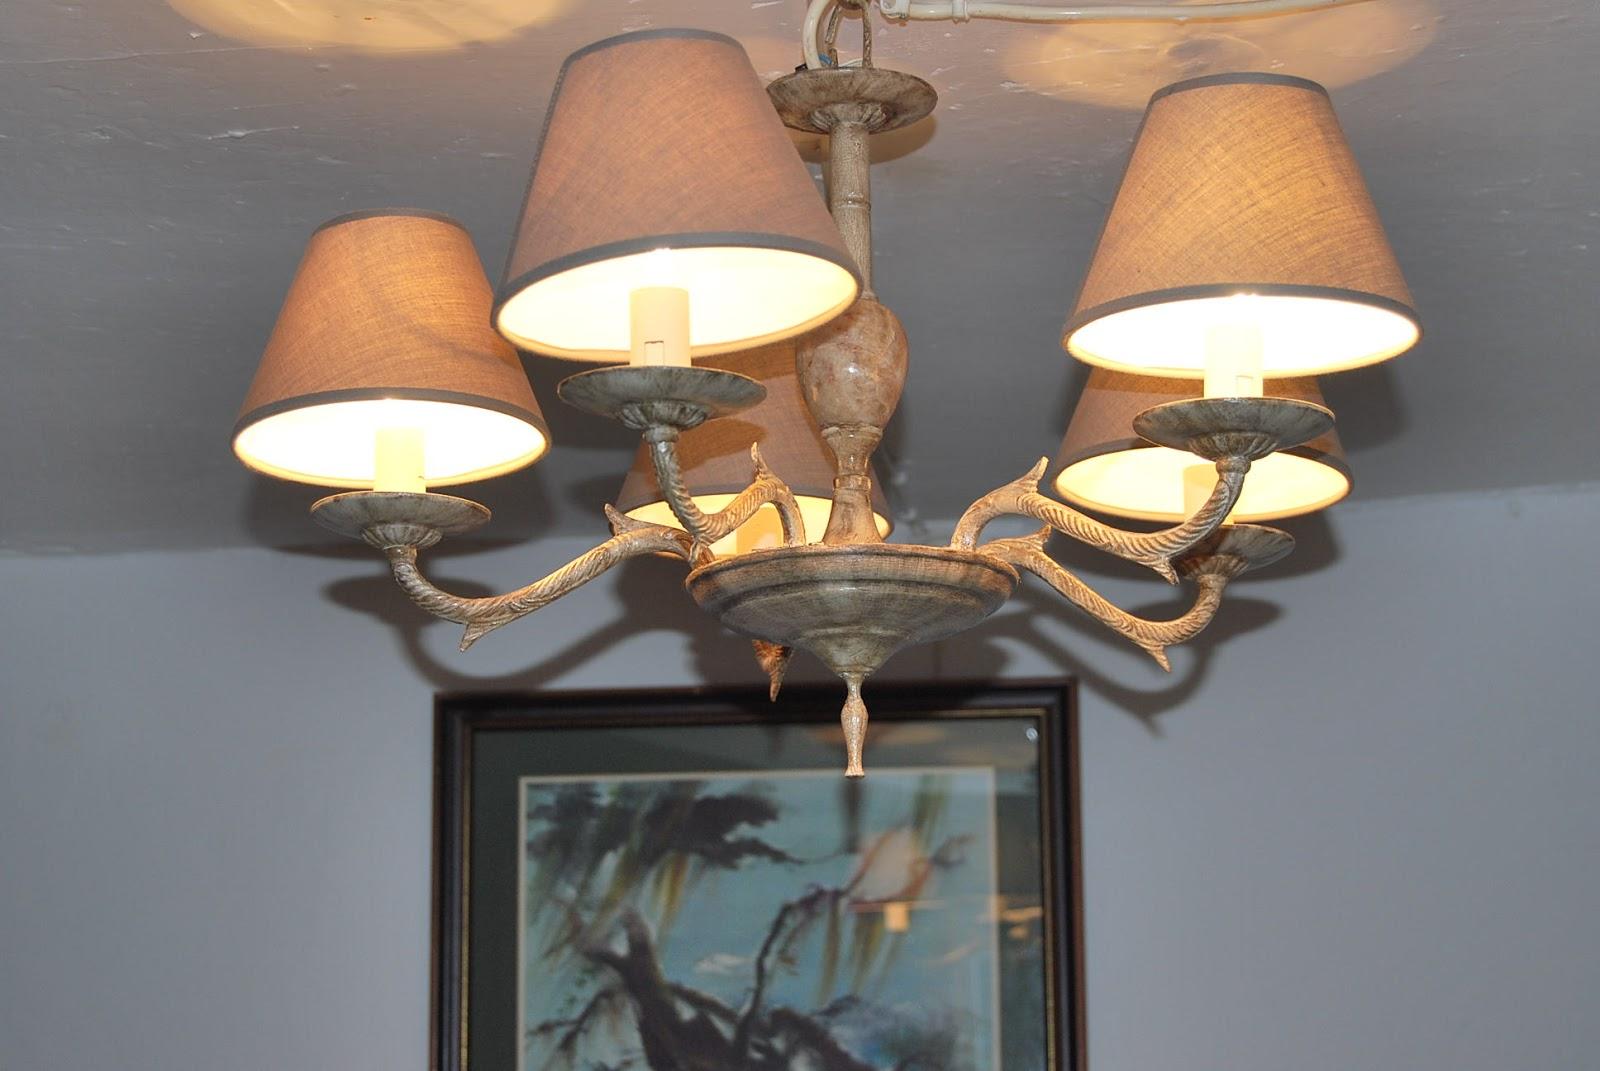 Esta casa es una ruina reciclando una lampara de techo - Lamparas de techo ...